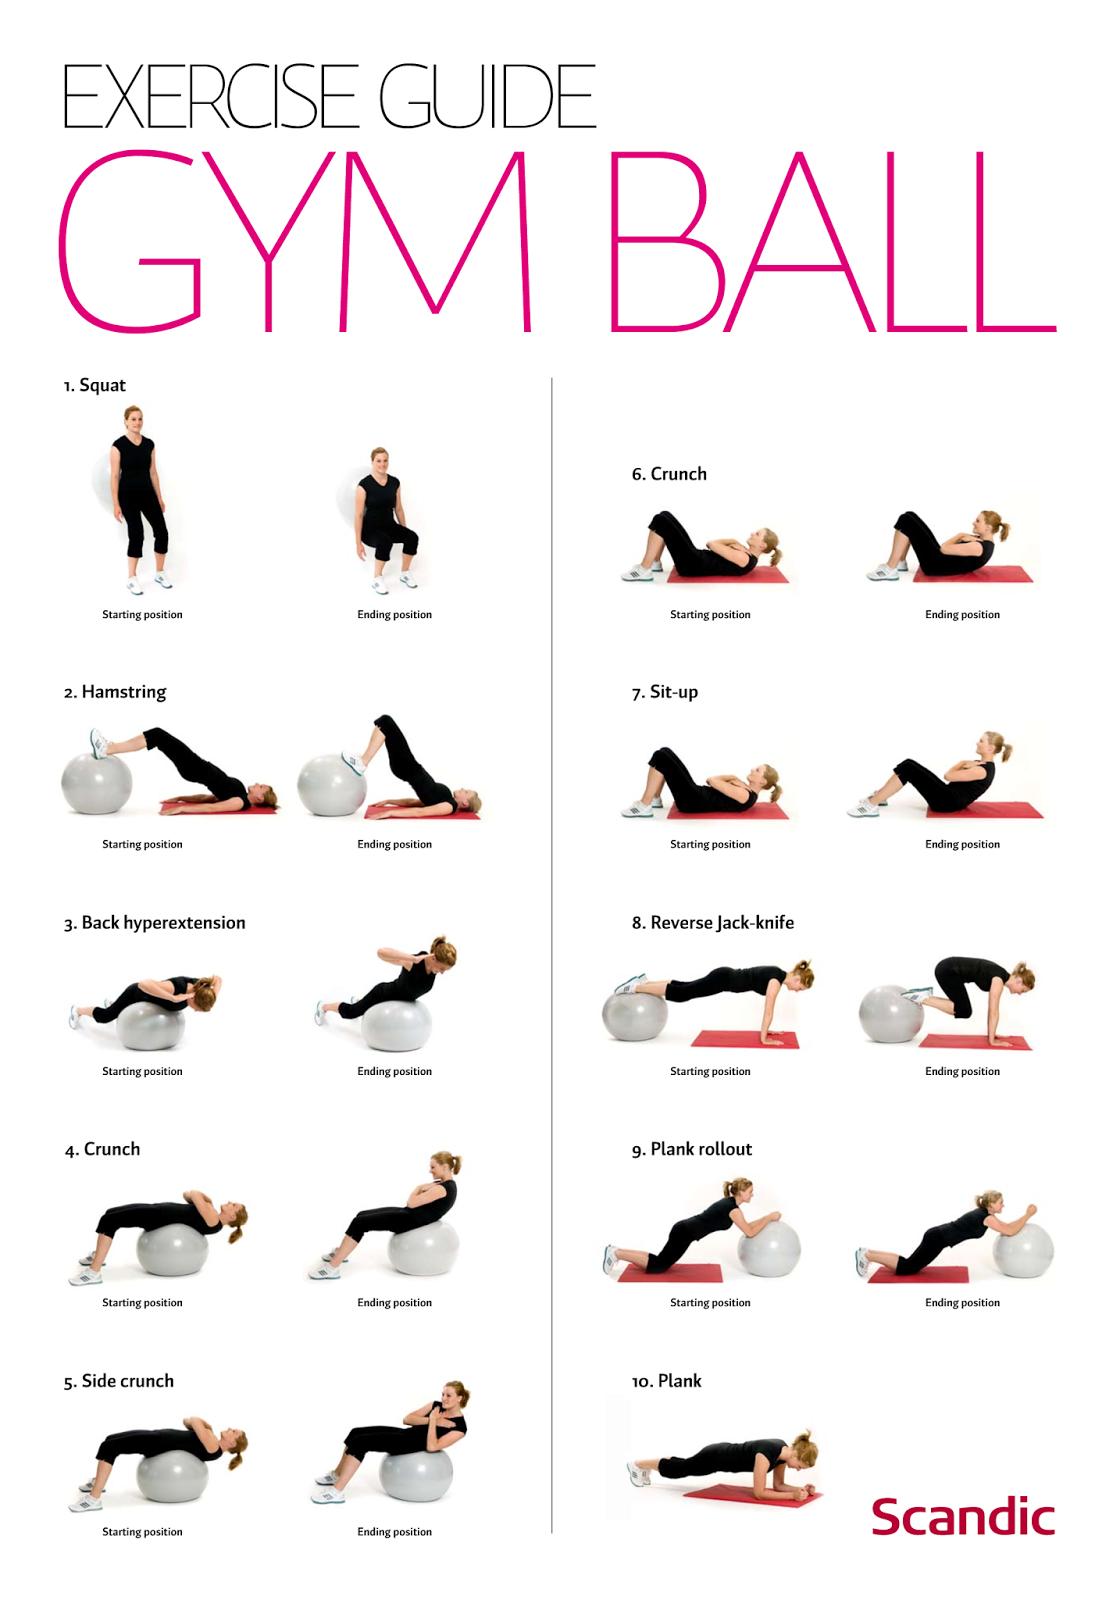 Gainage Une Activite A Ne Pas Negliger Exercices Ballon Exercice Exercices Gym Ball